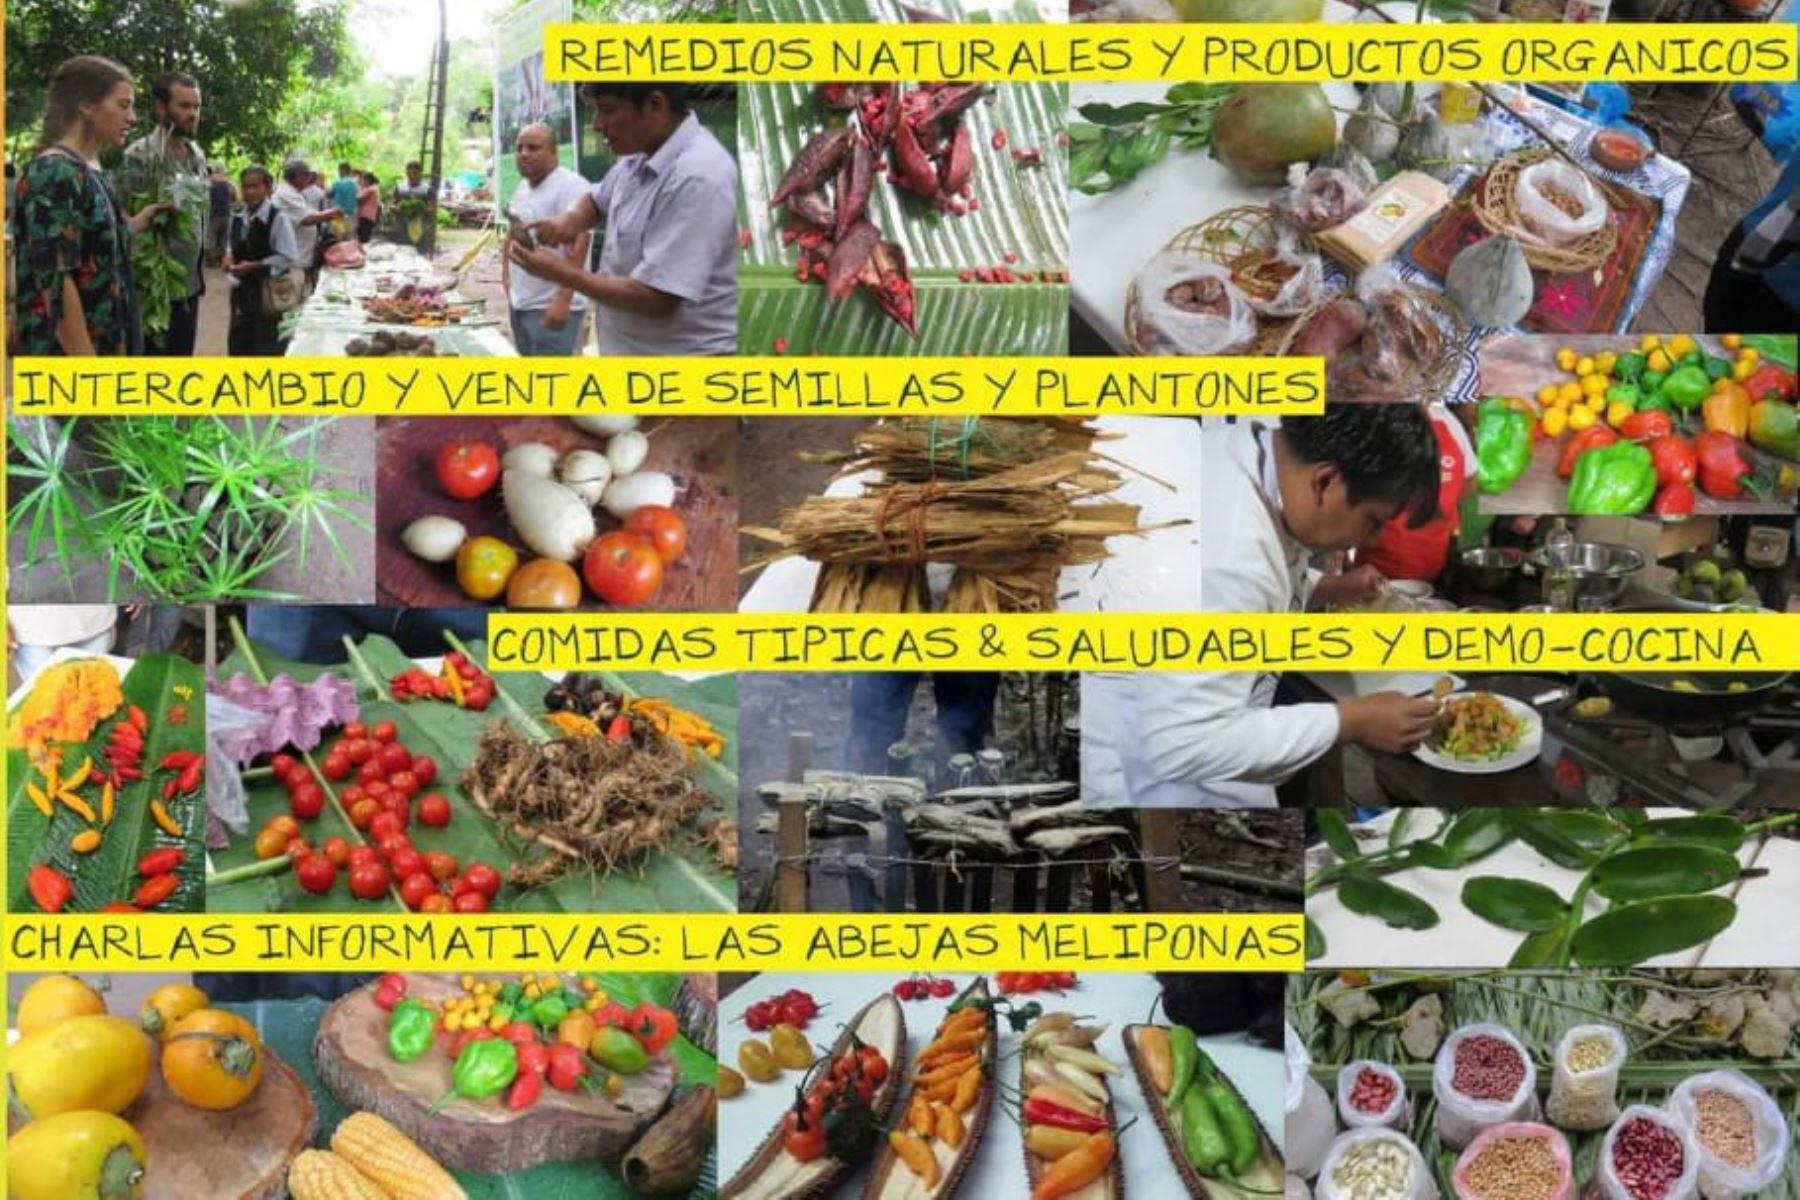 La XV Feria de Intercambio de Semillas y Saberes congregará este sábado a más de 60 agricultores de Madre de Dios en el Ecocentro de Puerto Maldonado.